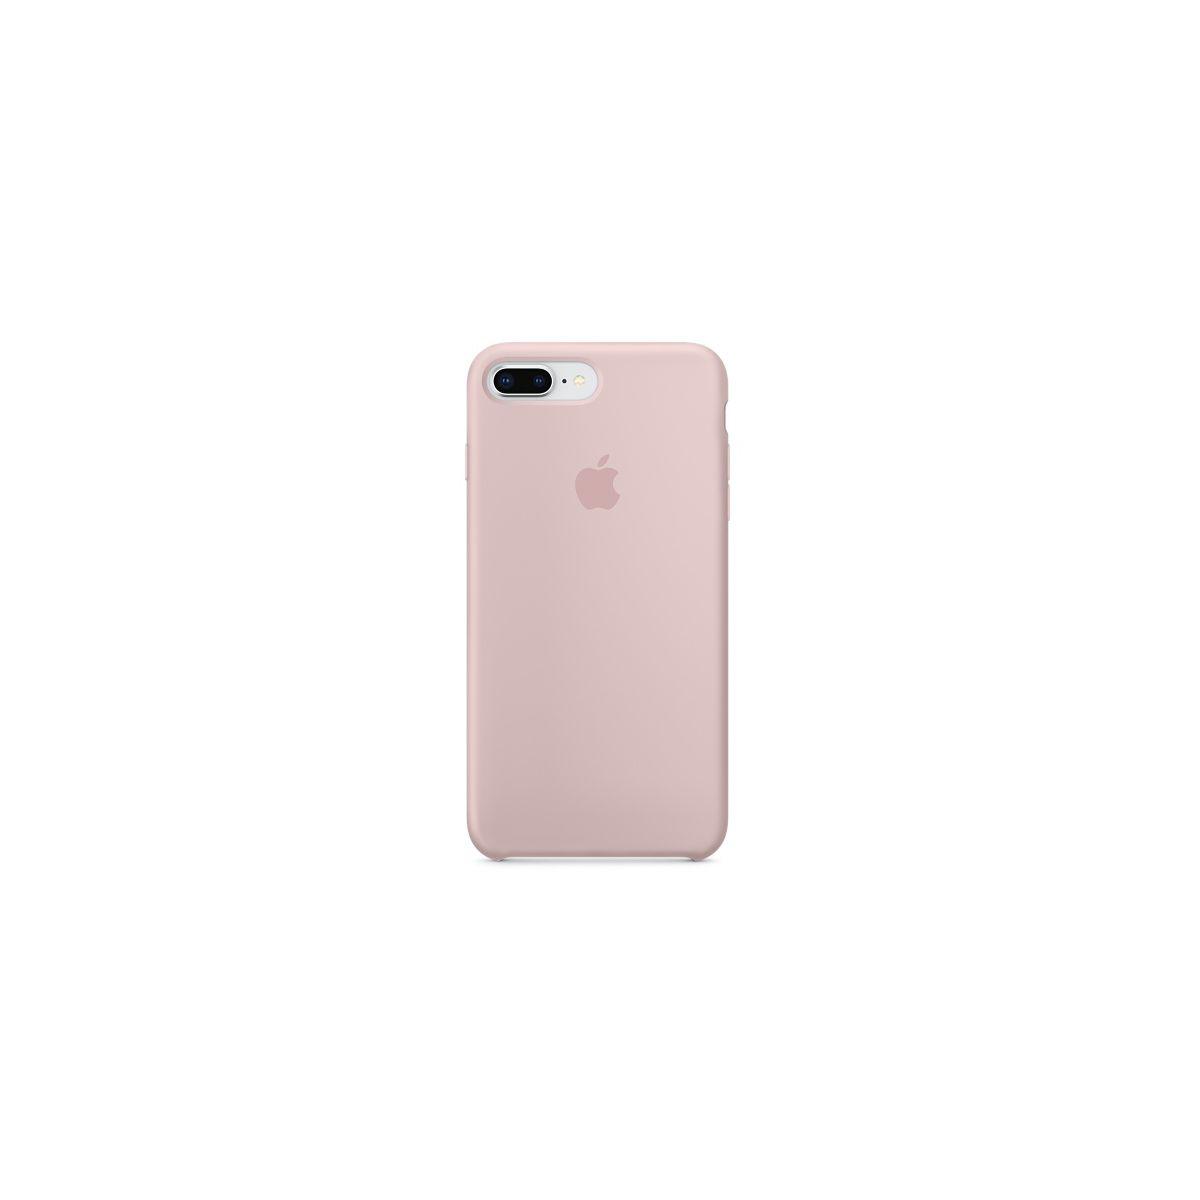 Coque APPLE iPhone 7/8 Plus silicone ros (photo)